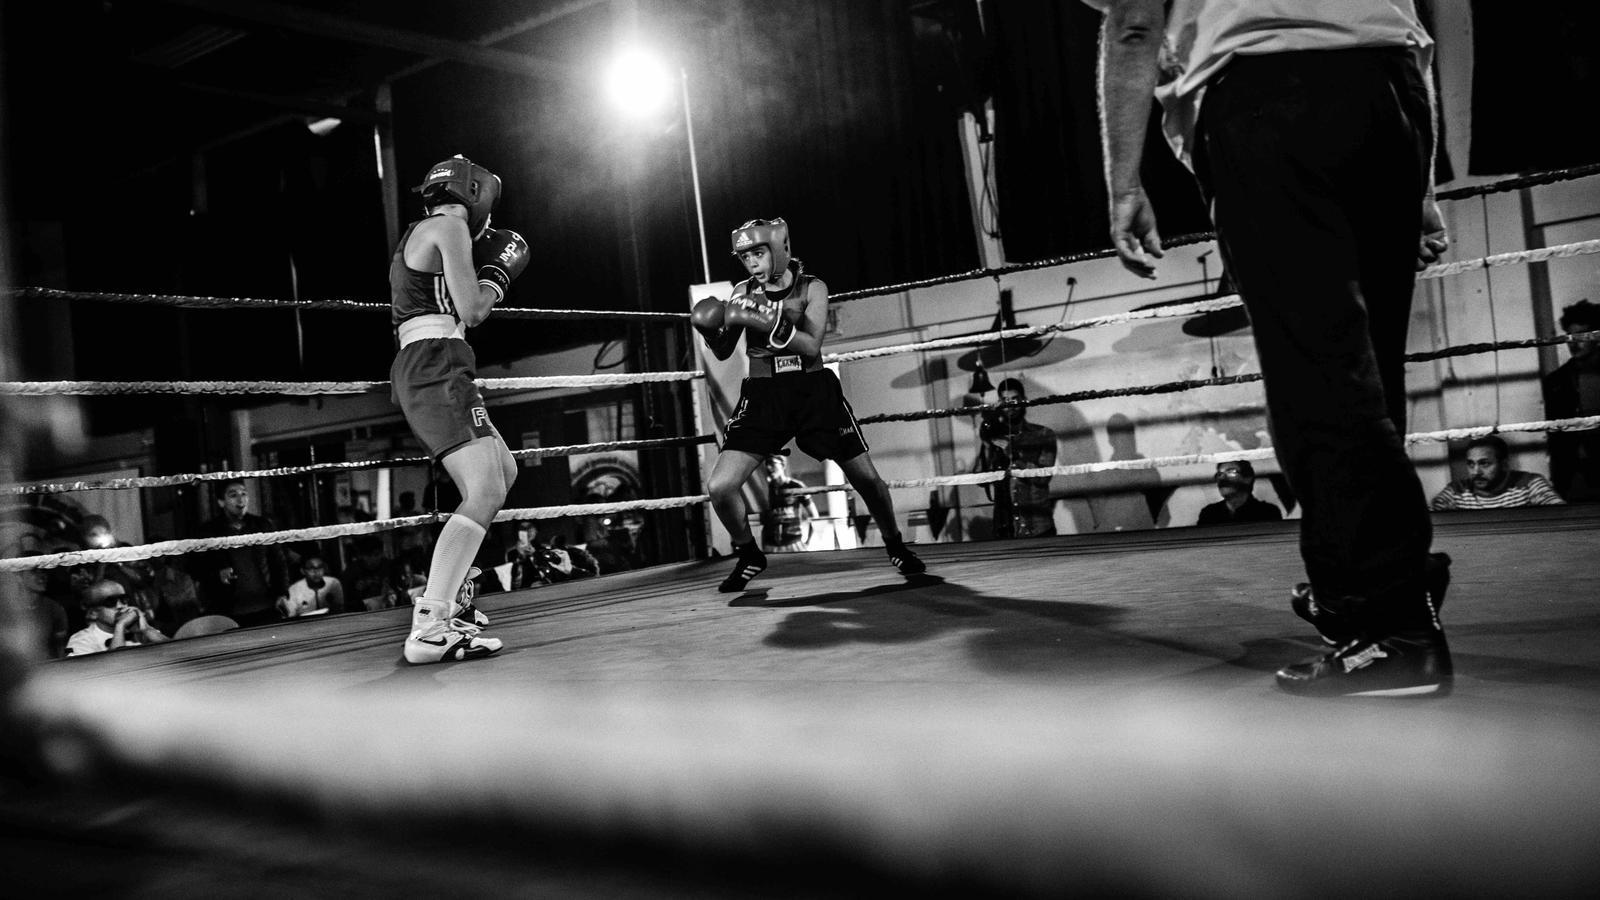 La campiona de Molenbeek, el doble combat de la Salma